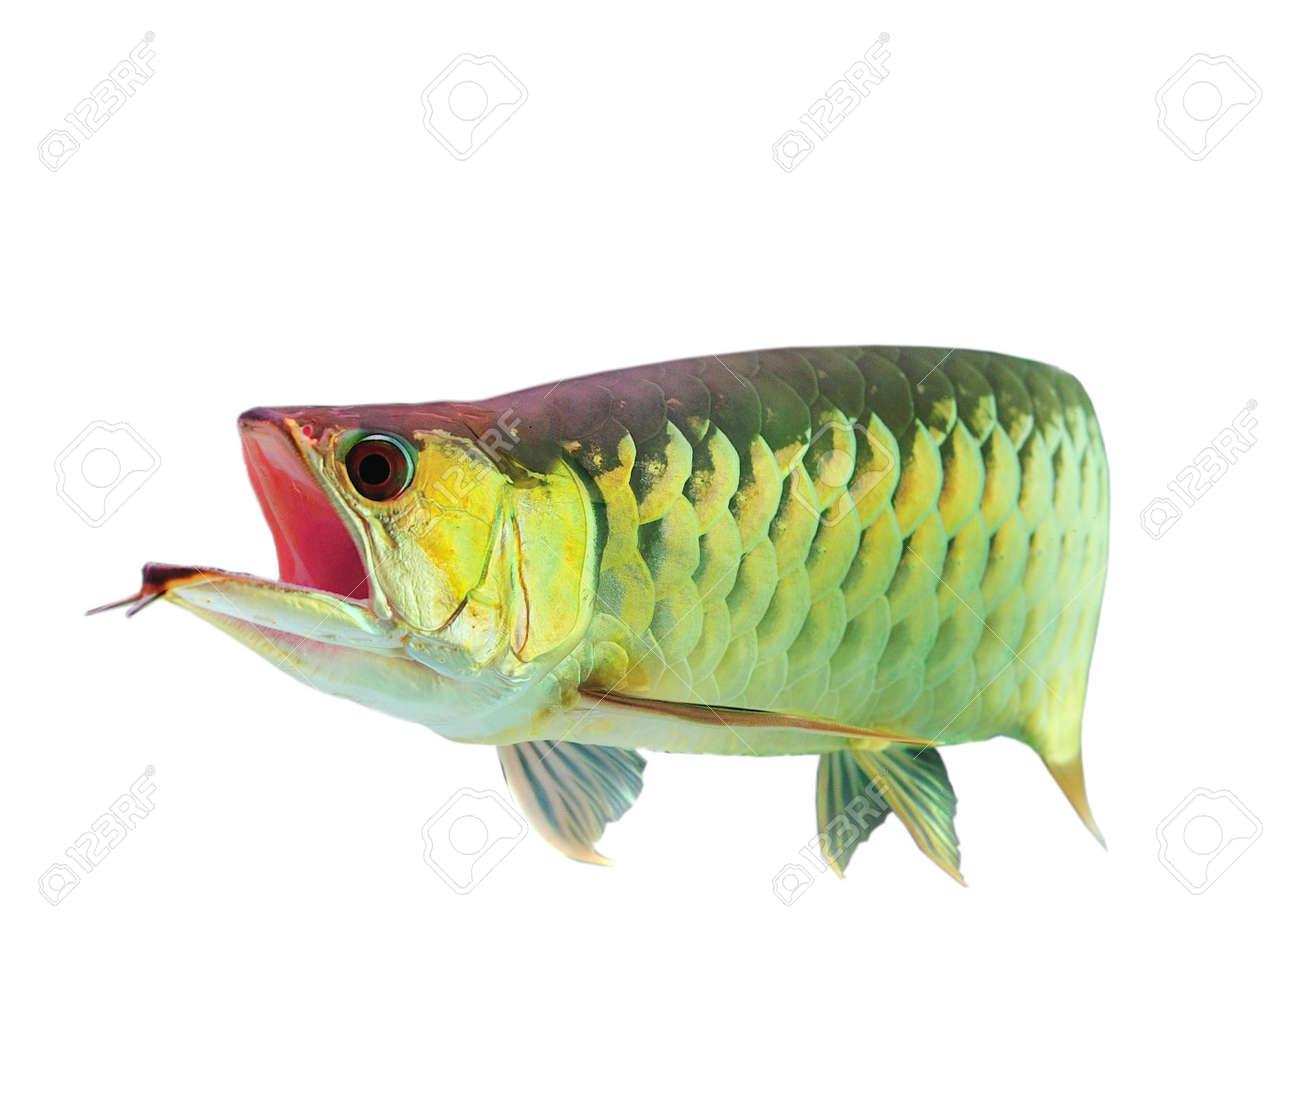 Asian Arowana fish on white background. Stock Photo - 10968419